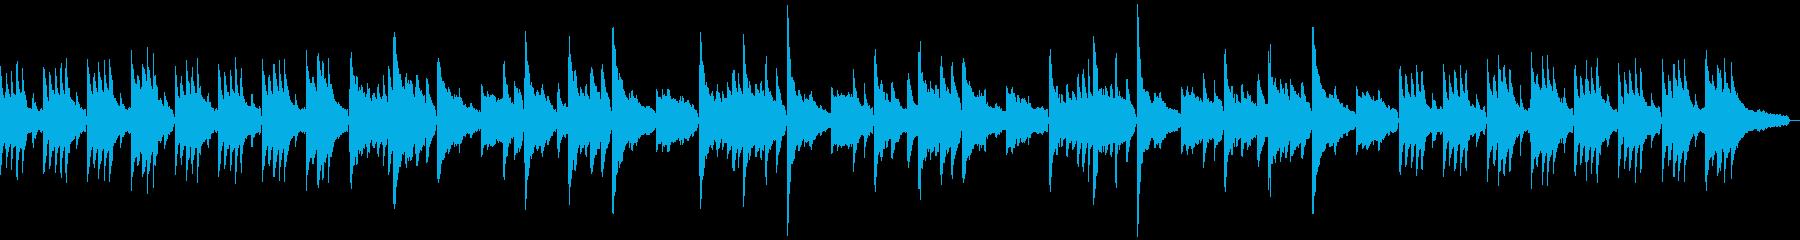 幻想的なソロピアノの再生済みの波形